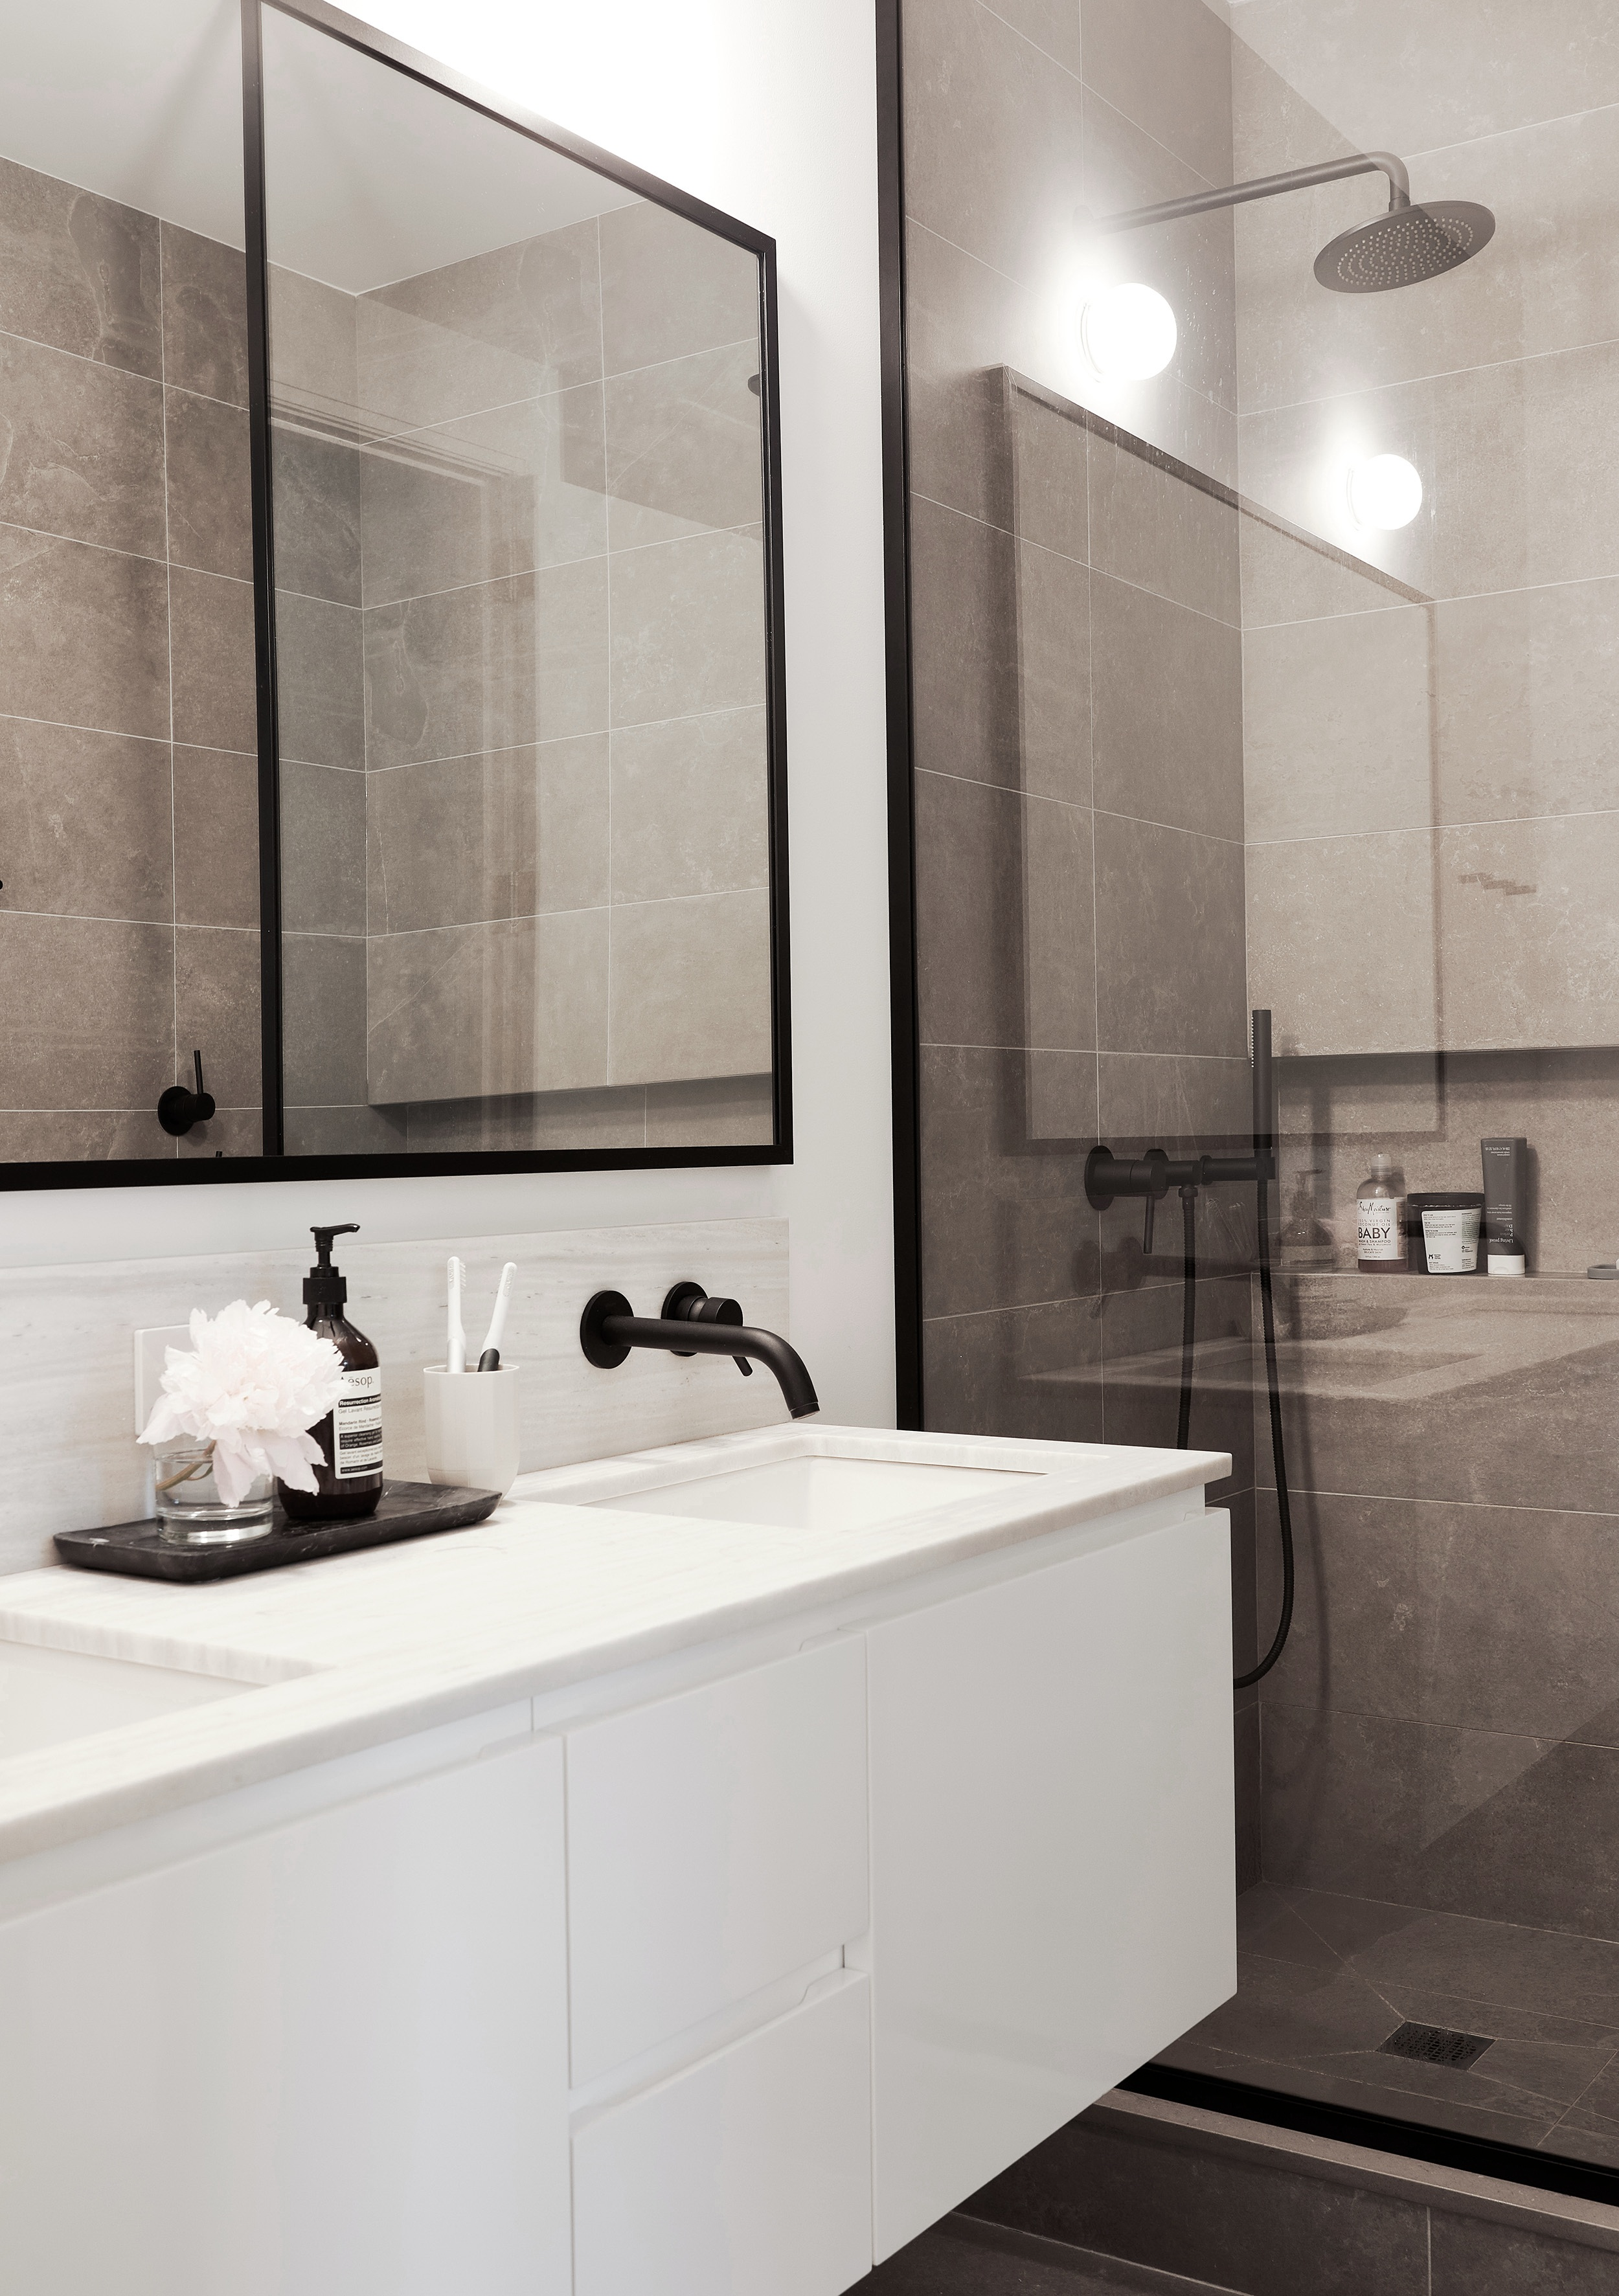 Shadow_Arch+Nomad+Loft+Bathroom.jpg